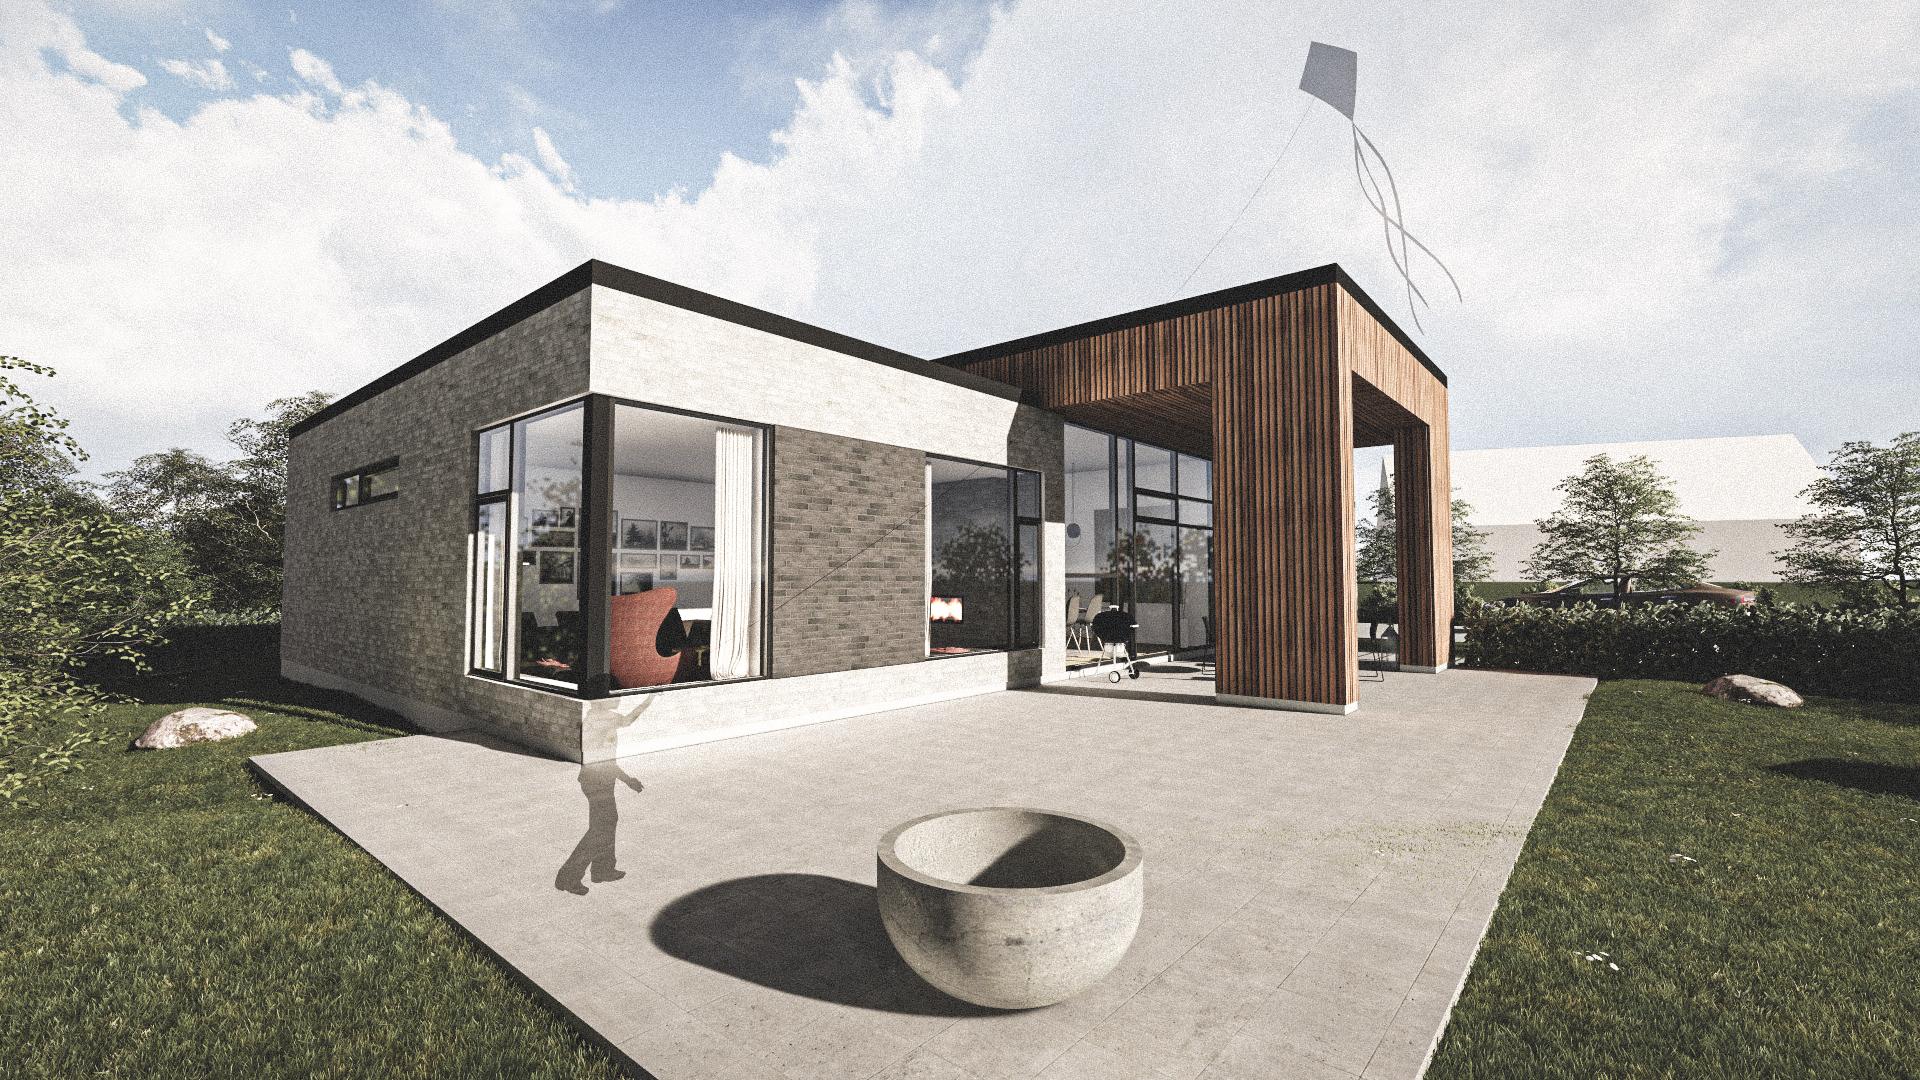 Billede af Dansk arkitekttegnet 1 plan villa af arkitektfirmaet m2plus, i HØJE STØVRING på 198 kvartratmeter.